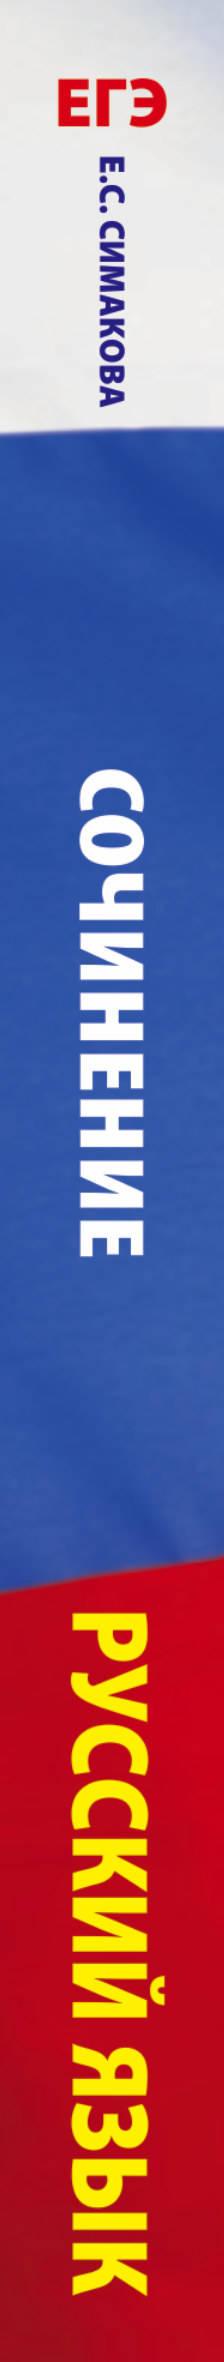 Симакова Елена Святославовна. ЕГЭ. Русский язык. Сочинение по прочитанному тексту на уроках в старших классах и ЕГЭ. 9-11 классы